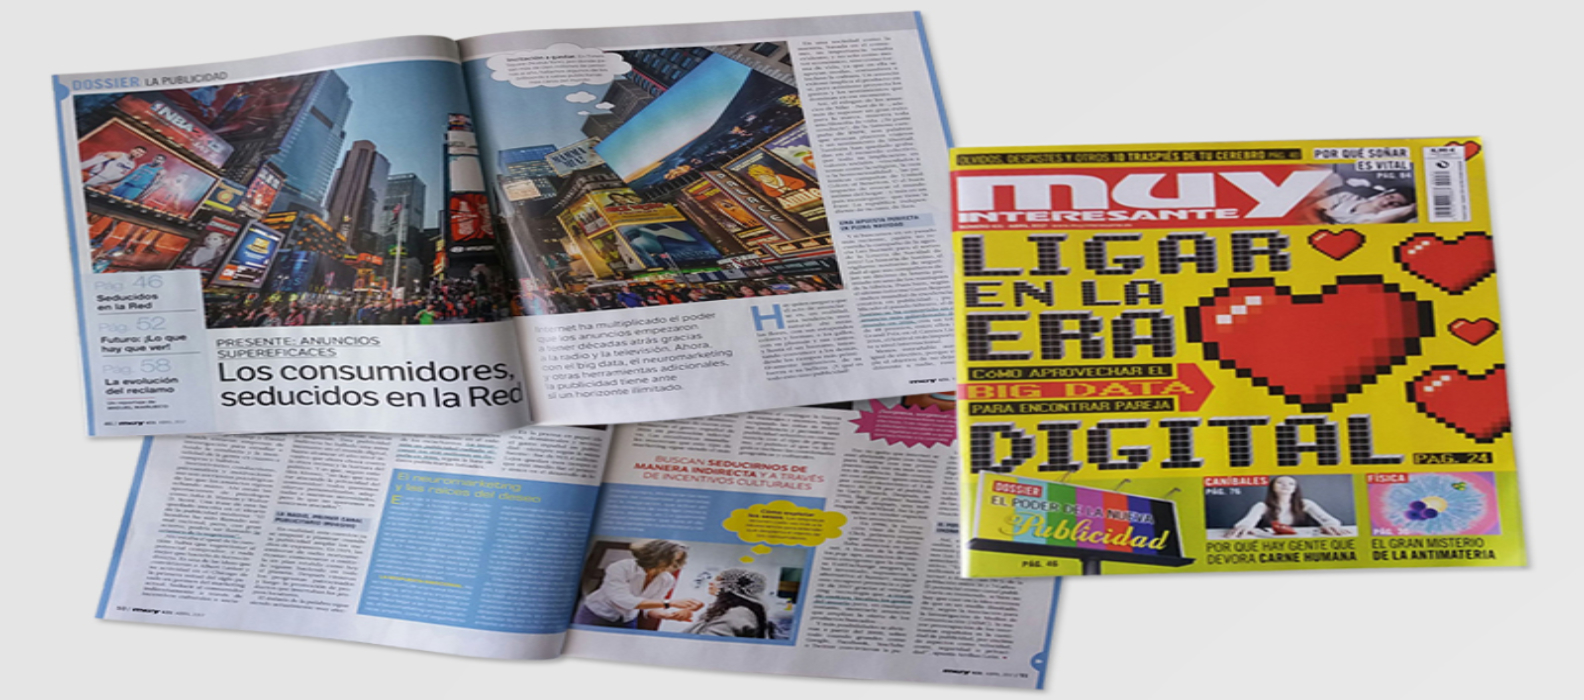 Parnaso participa en el especial de la revista Muy Interesante - Parnaso